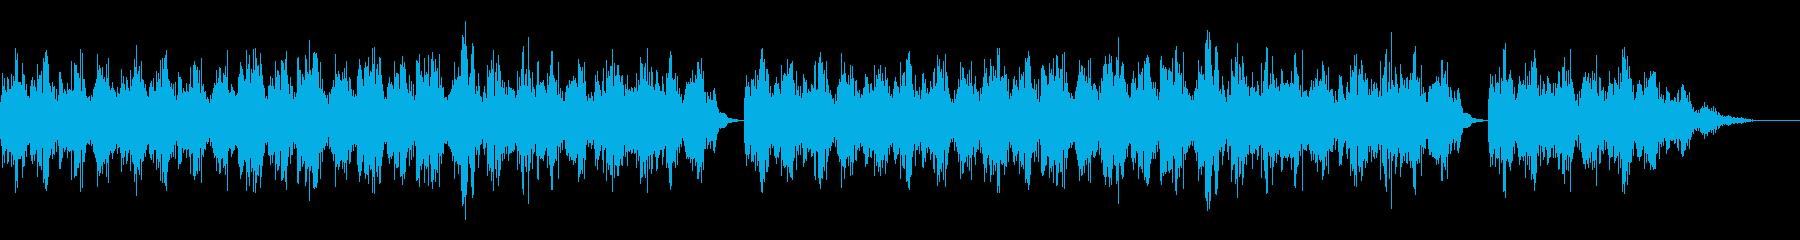 幻想的で優しい木琴のメロディーの再生済みの波形